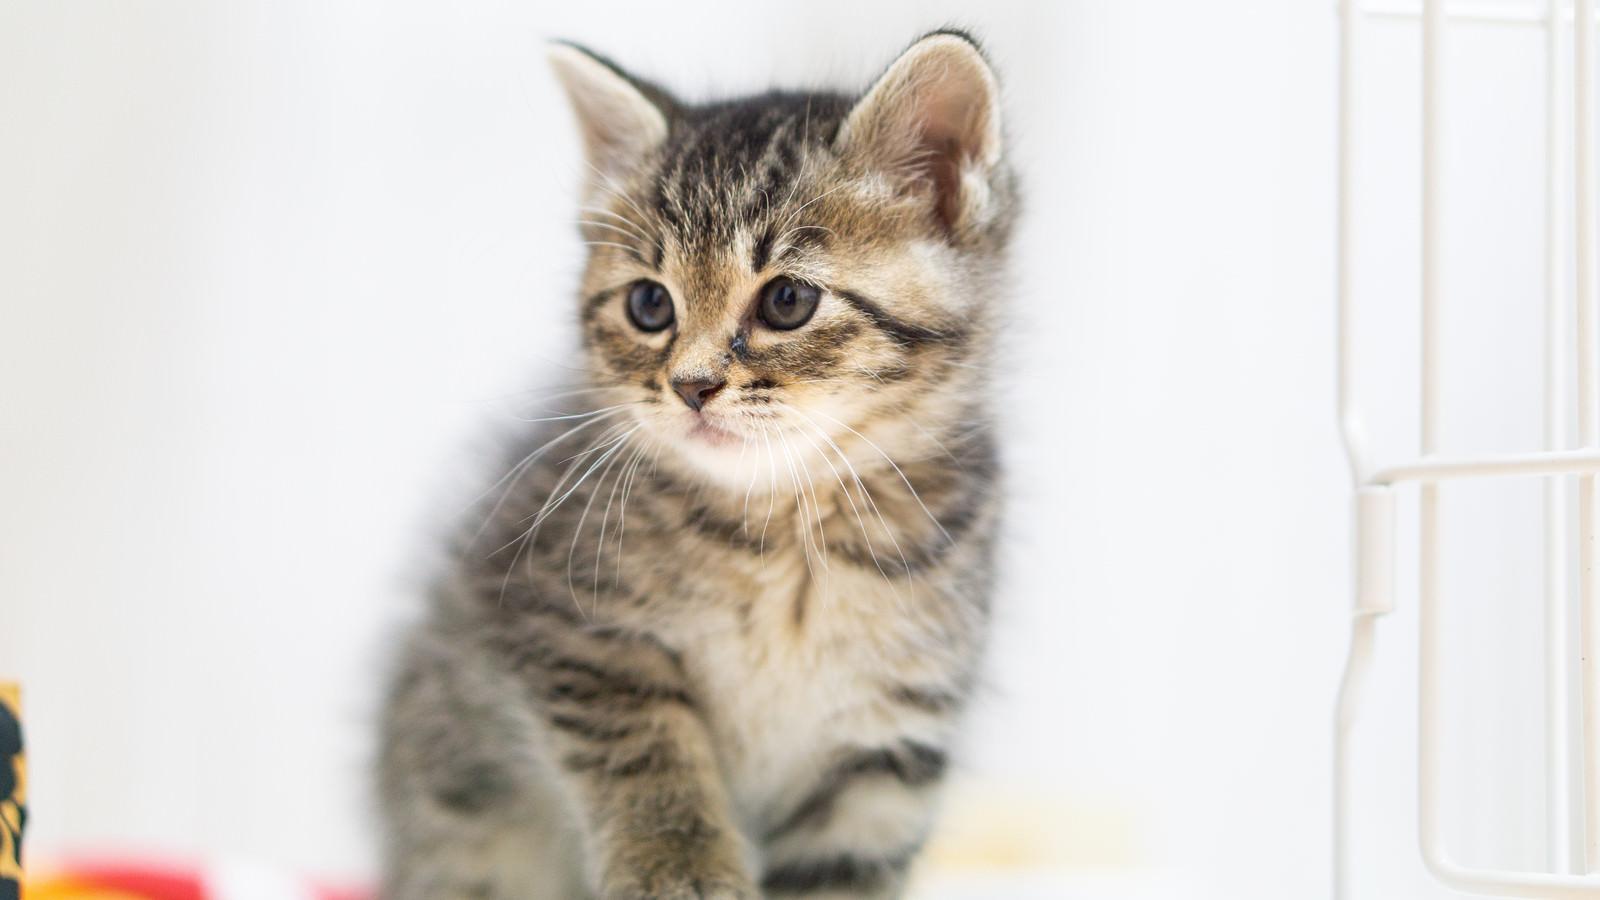 「ちょこんとおすわりする子猫」の写真